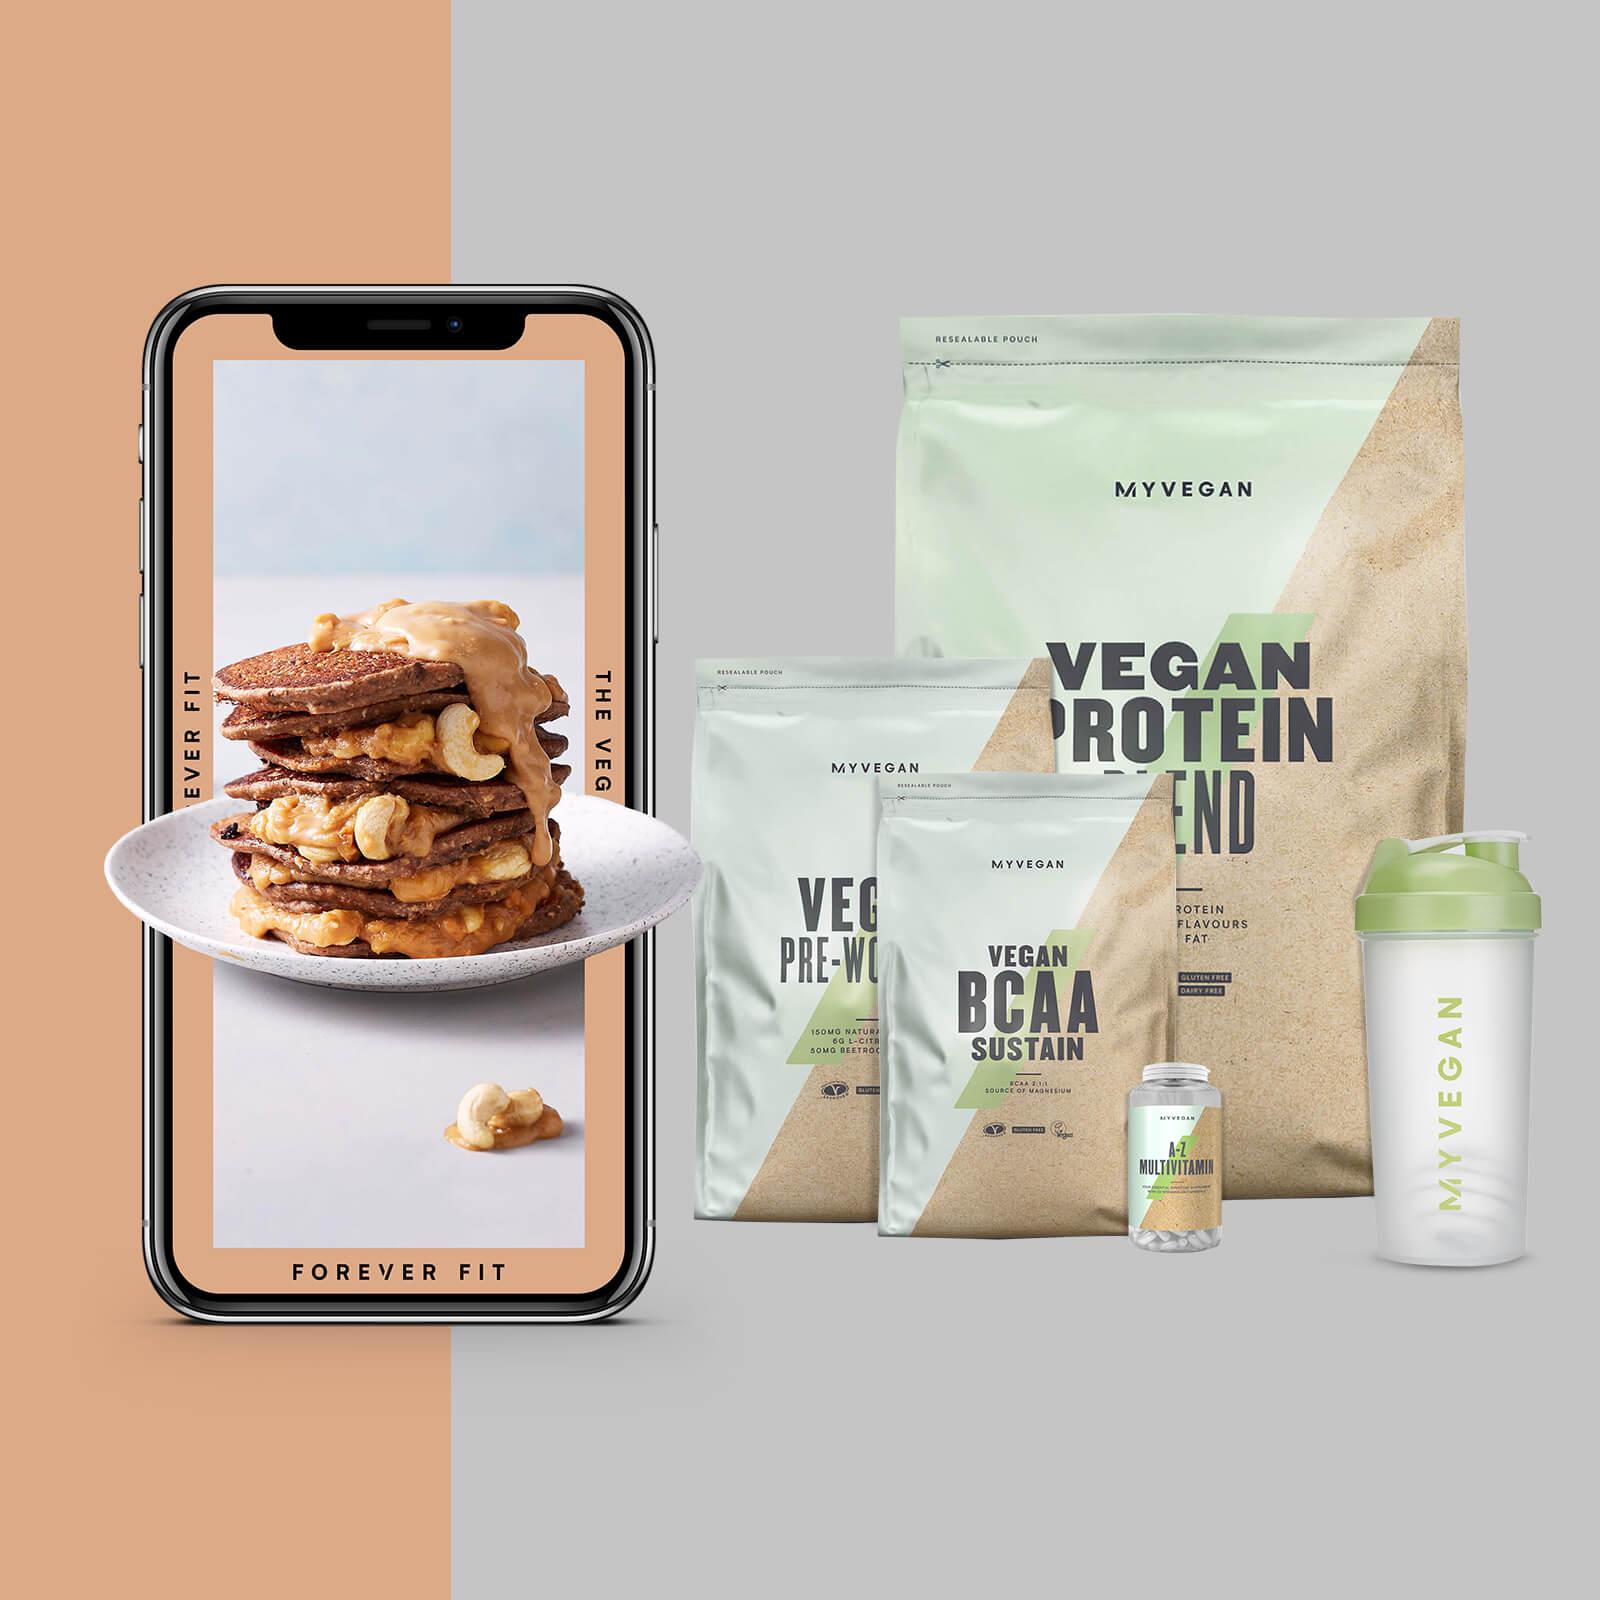 Le Pack Vegan + Guide Entraînement et Nutrition Offert - Raspberry Lemonade - Sour Apple - Unflavoured